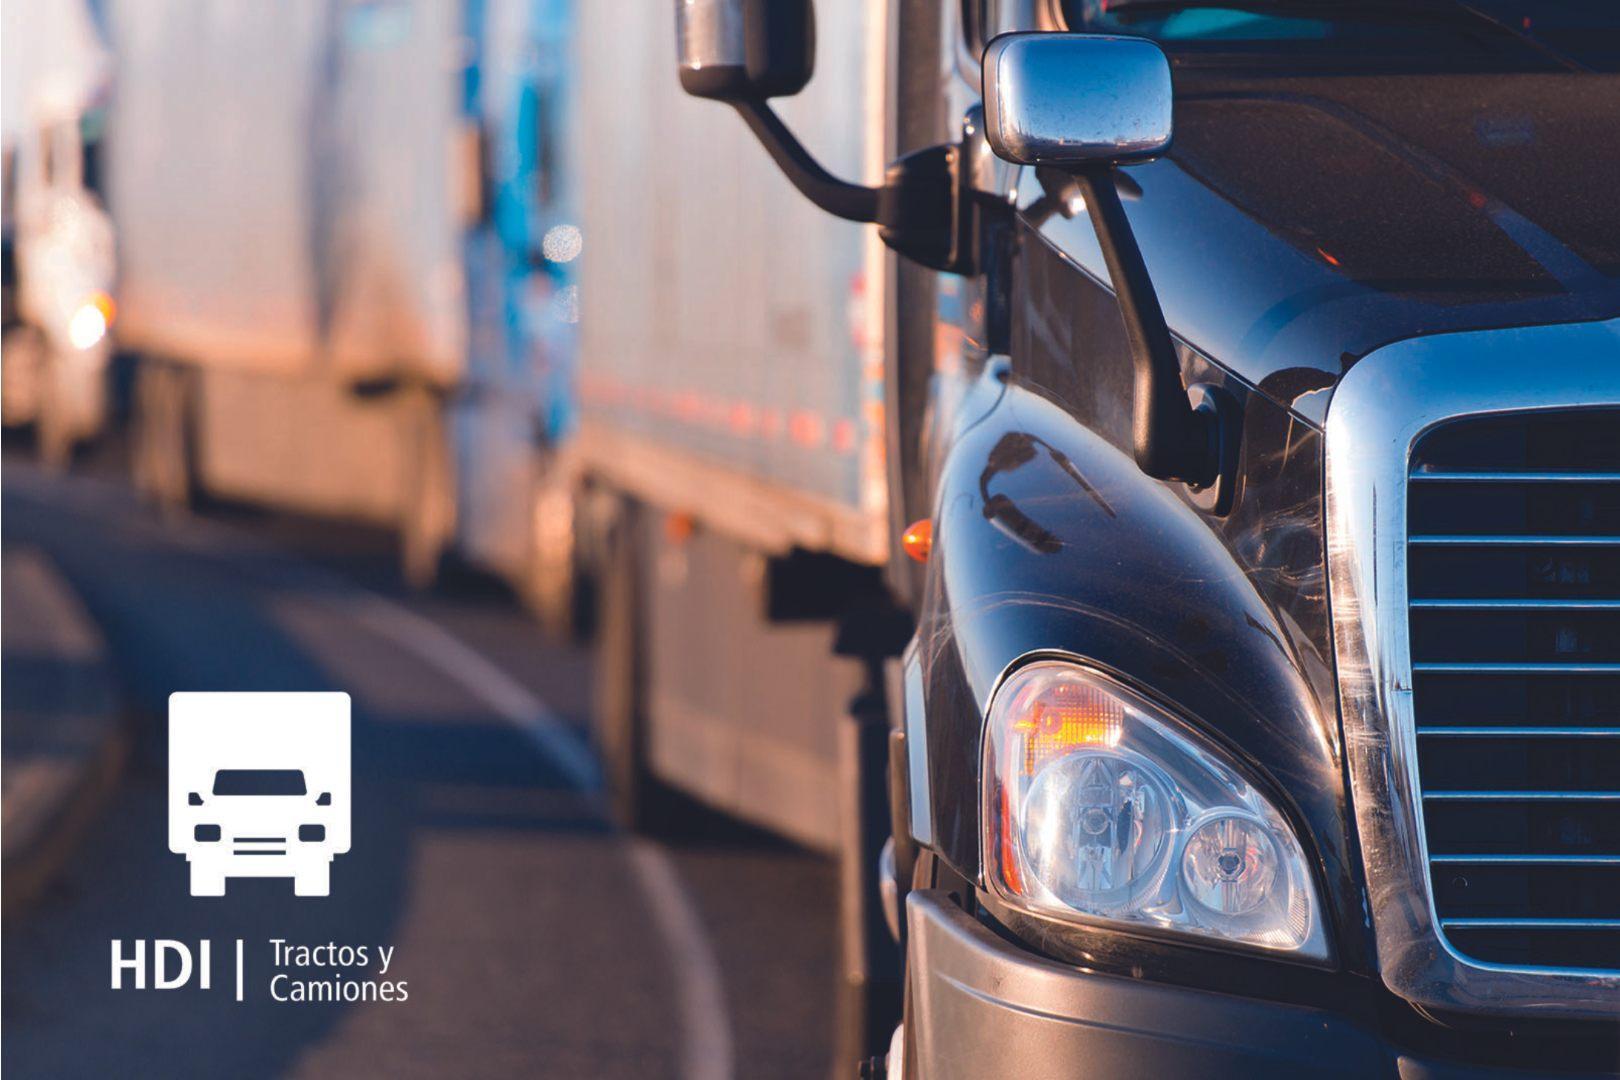 HDI Tractos y Camiones